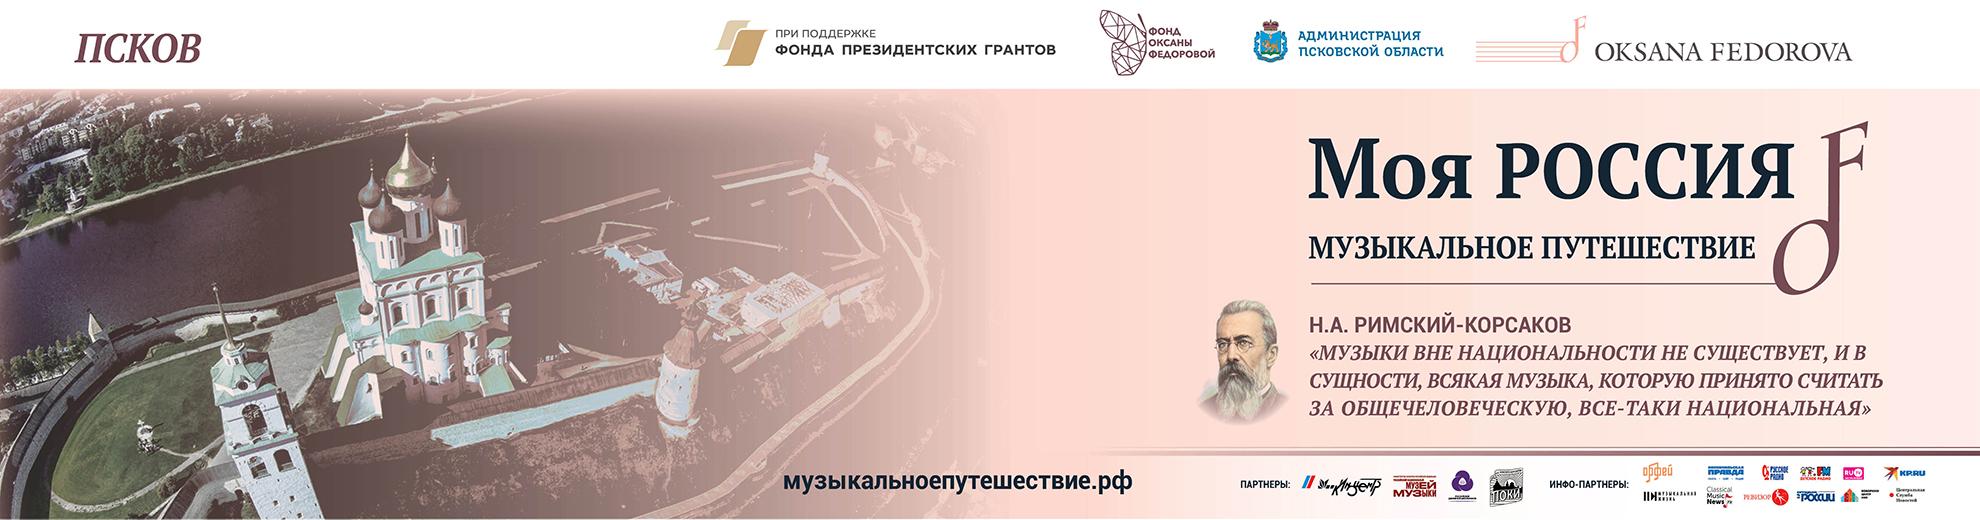 1950_520_Псков_композиторы